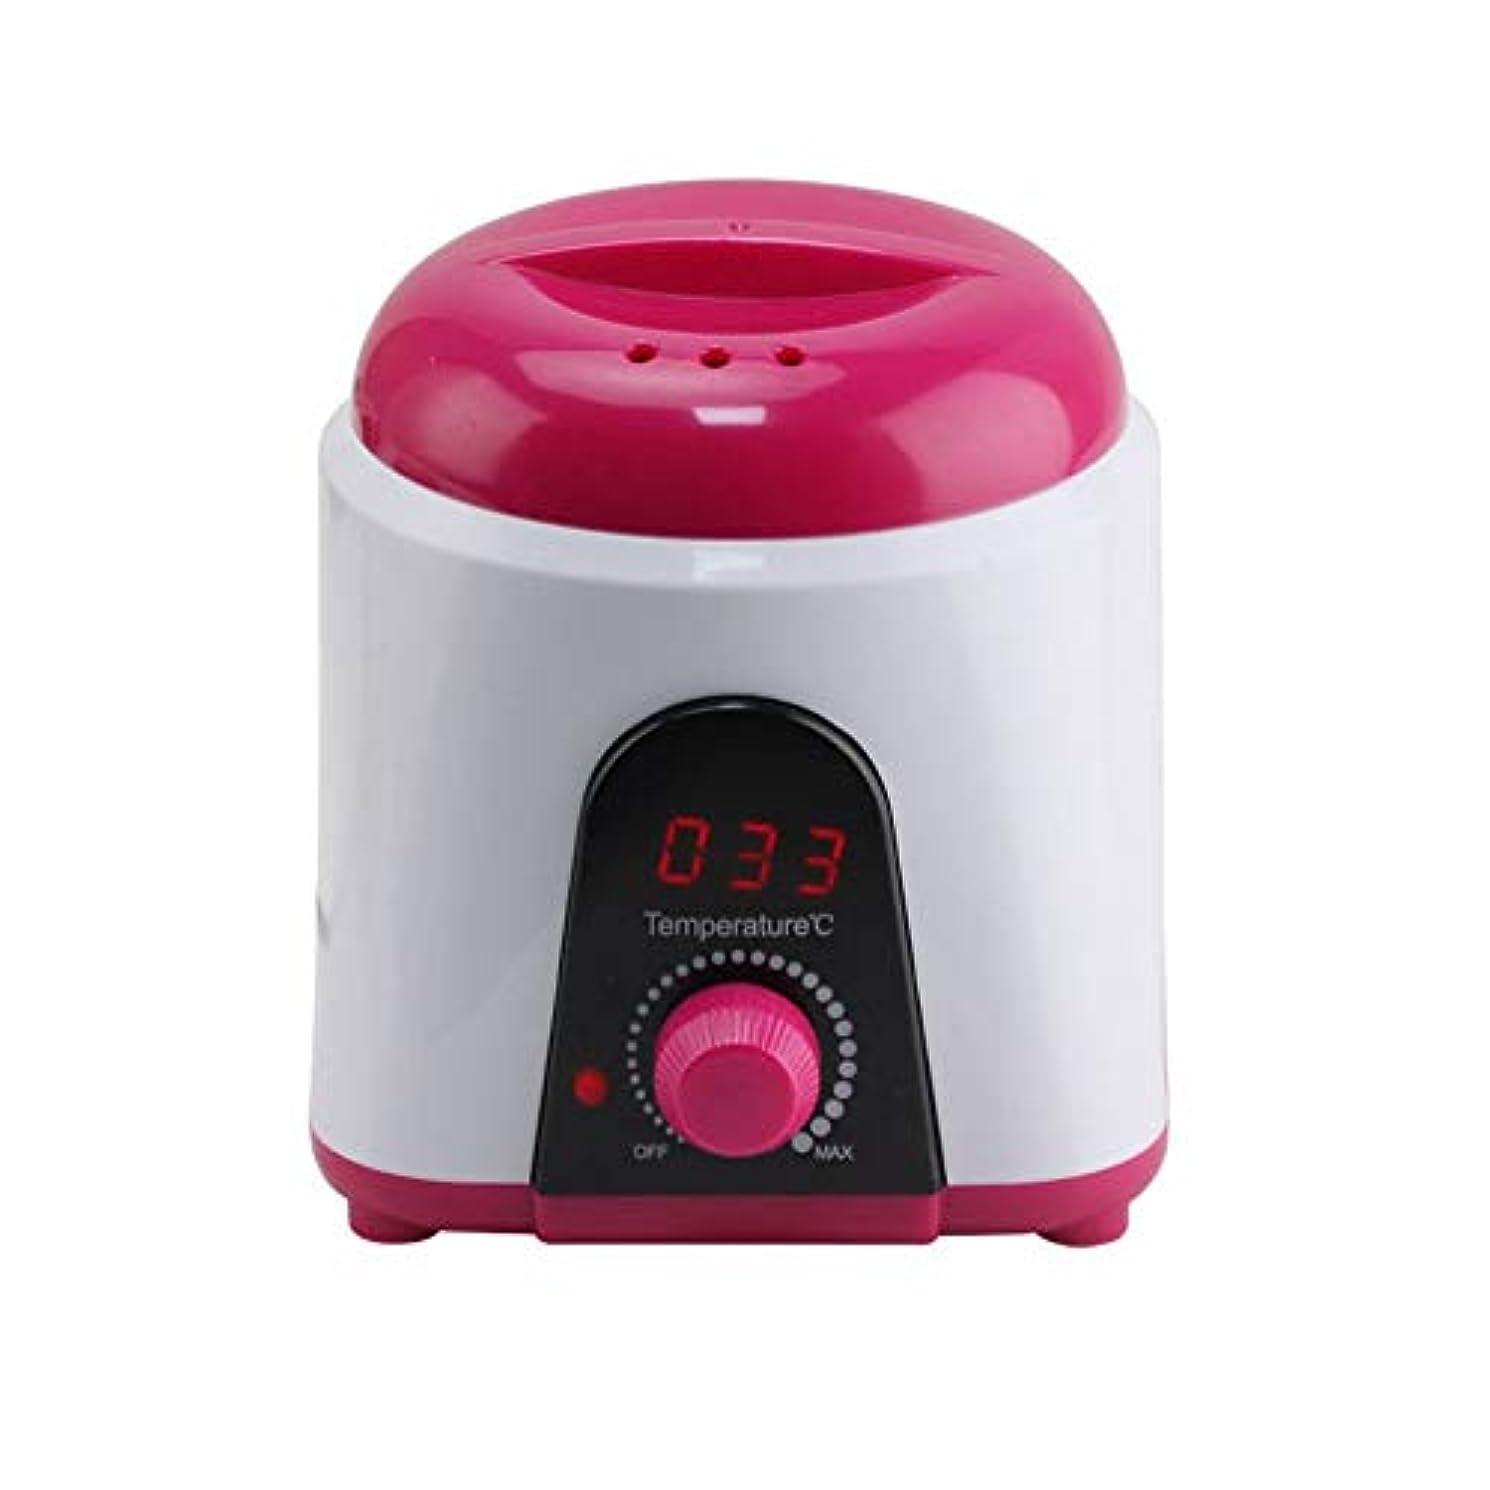 保守可能受粉する第九調節可能な温度のワックスマシン、女性および男性500CCのための多機能の家のワックスが付いている毛の取り外しのための専門の電気ワックスのウォーマーのヒーターのメルター